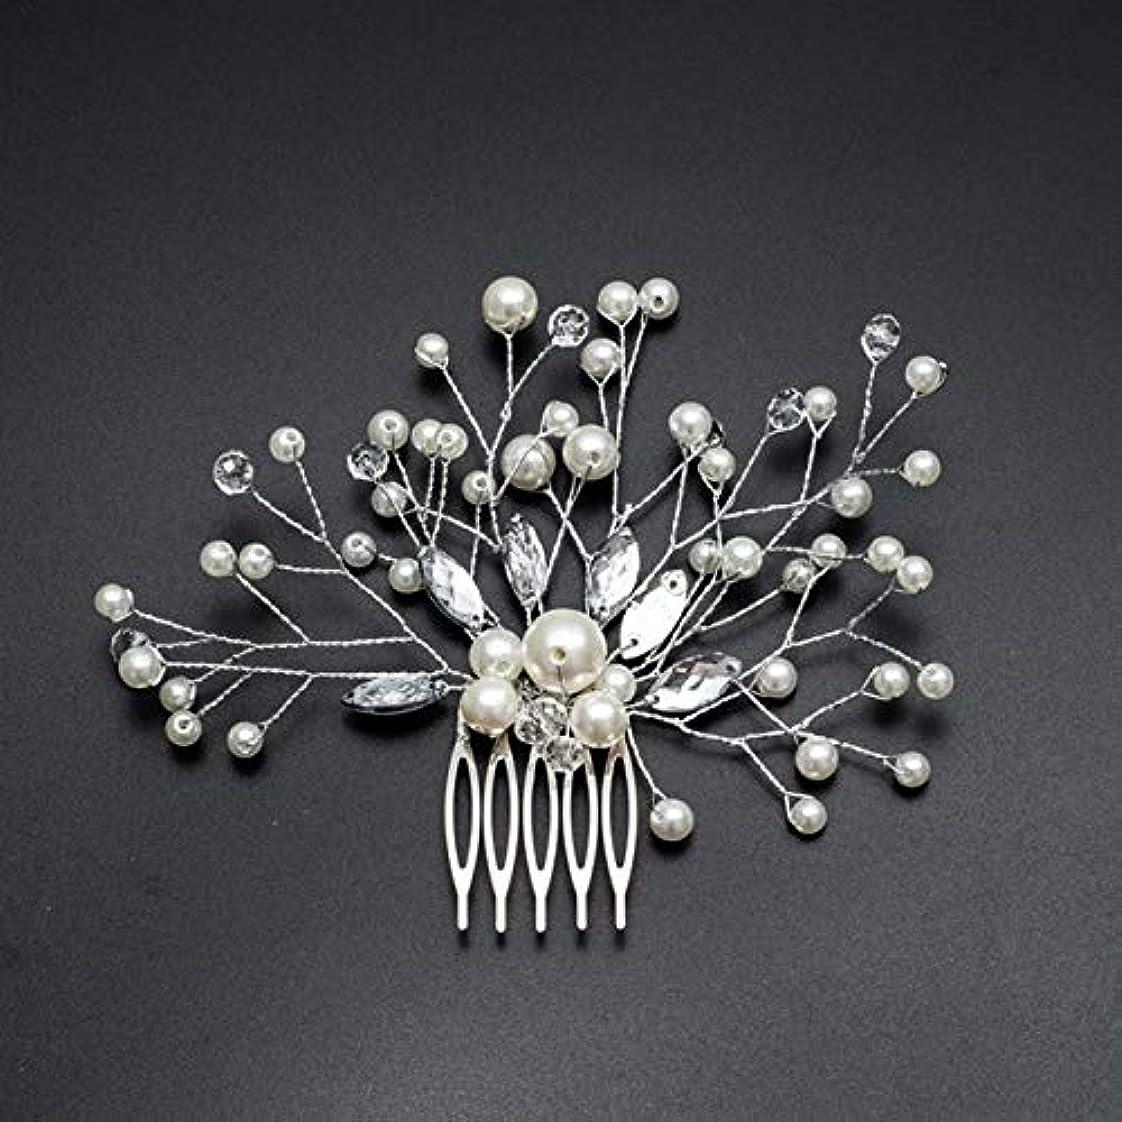 クルー寝るコートHairpinheair YHMパール女性のヘアコーム結婚式のヘアアクセサリーヘアピンラインストーンティアラブライダルクリップクリスタルクラウン花嫁の髪の宝石類(シルバー) (色 : Silver)